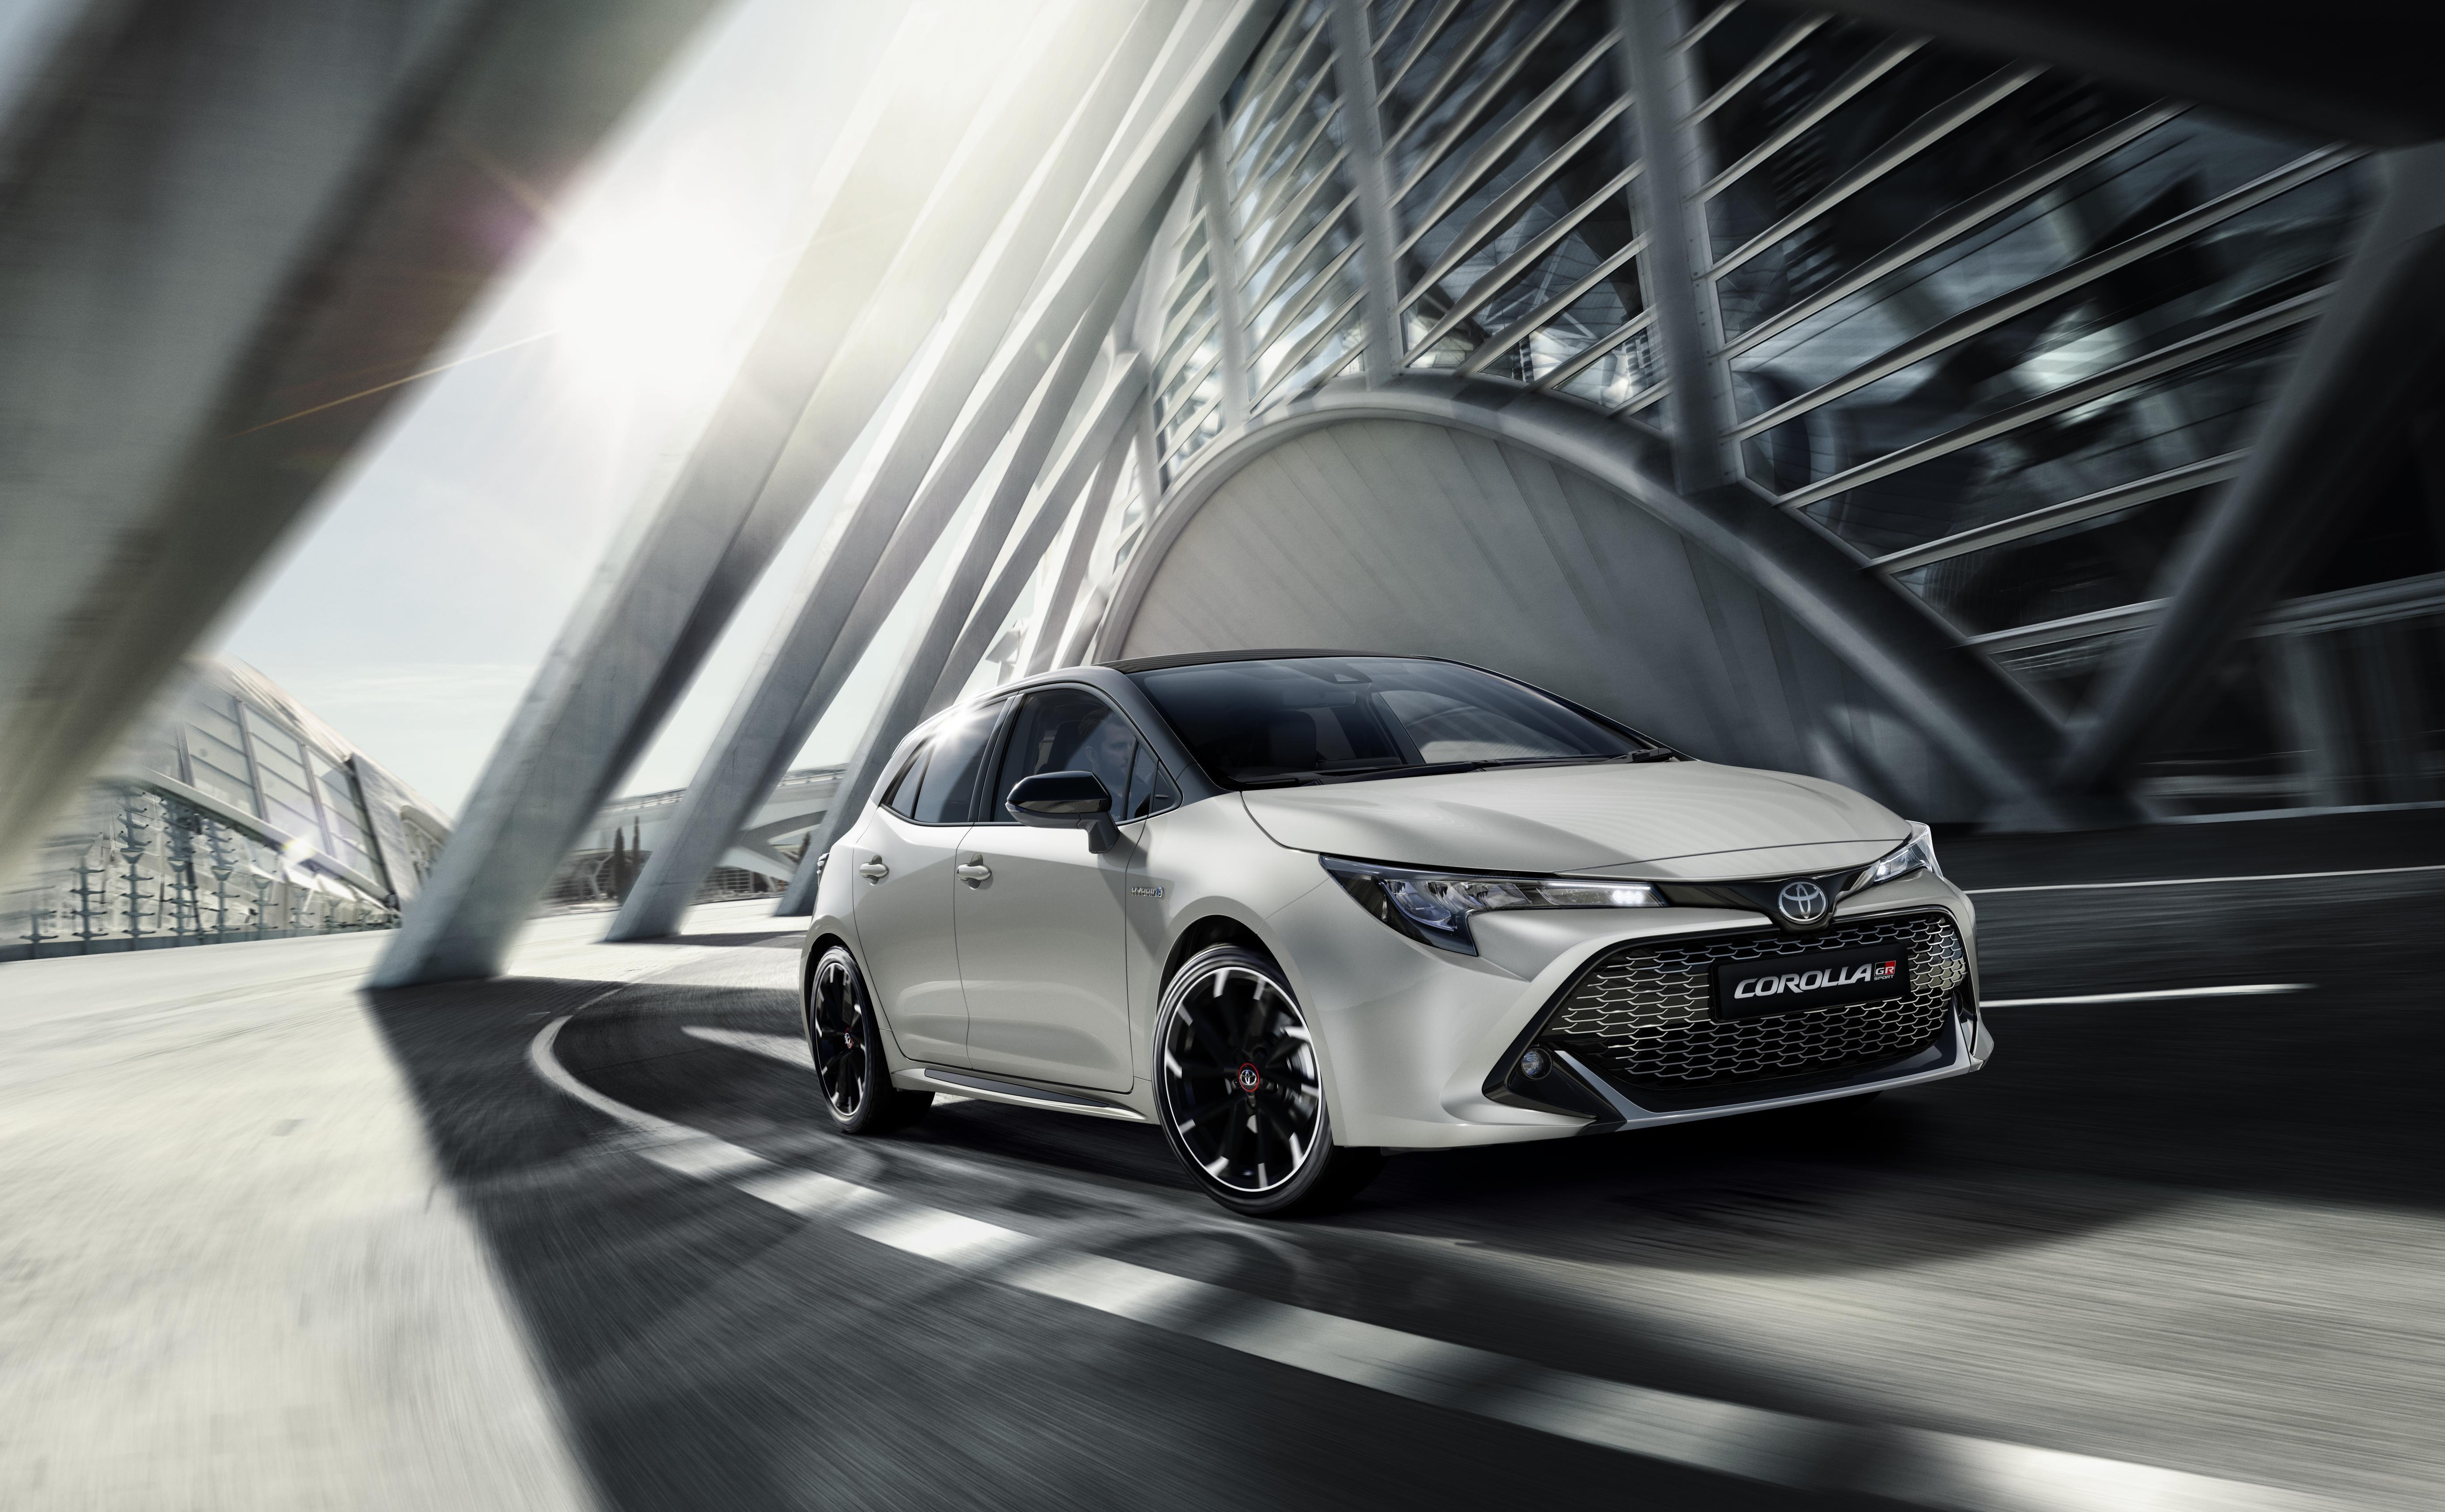 El Toyota Corolla Gr-Sport ja roda a Catalunya